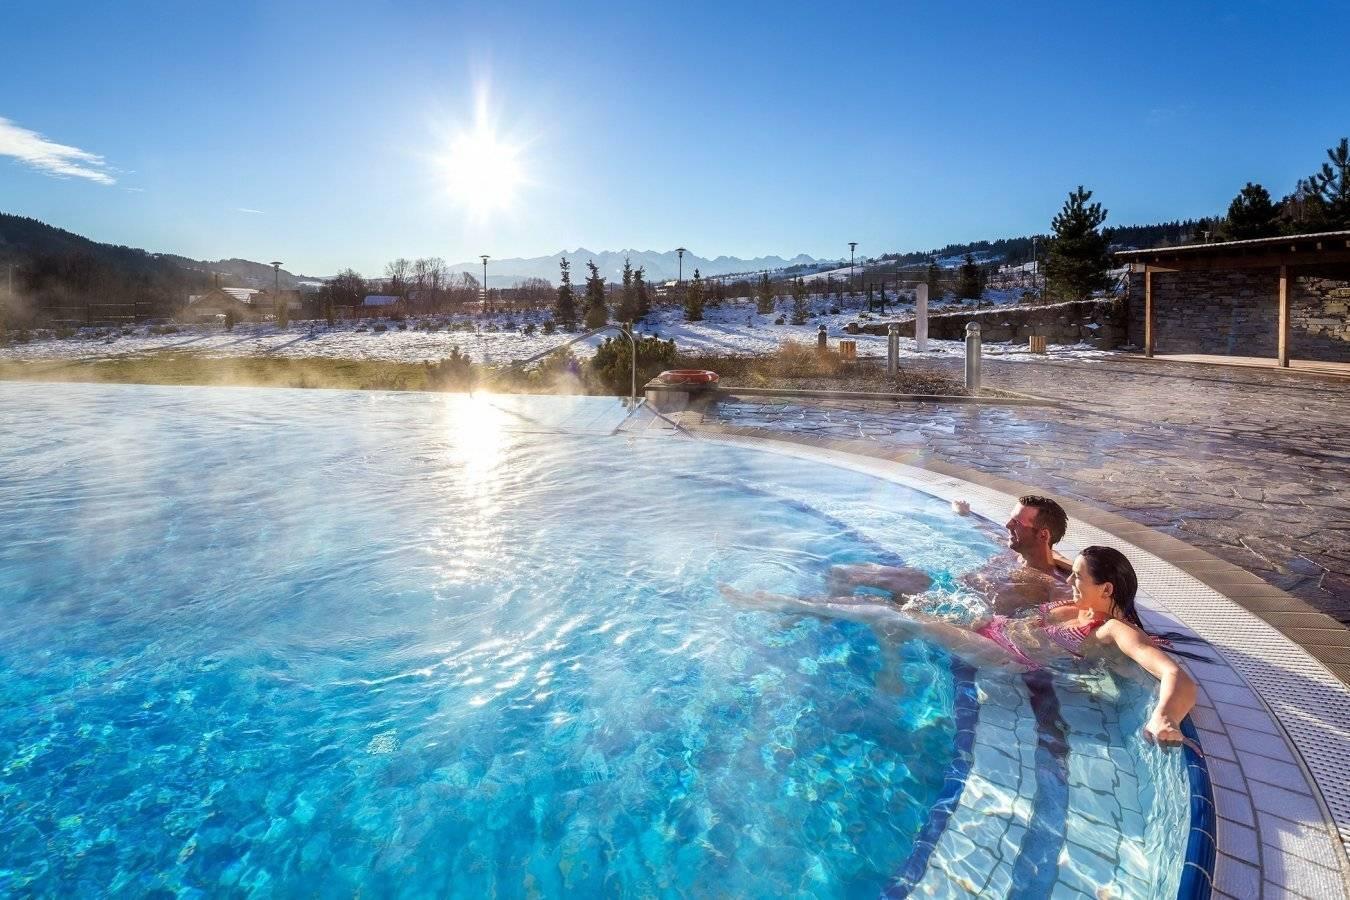 В польшу за здоровьем и красотой. популярные польские курорты - мой отпуск - медиаплатформа миртесен